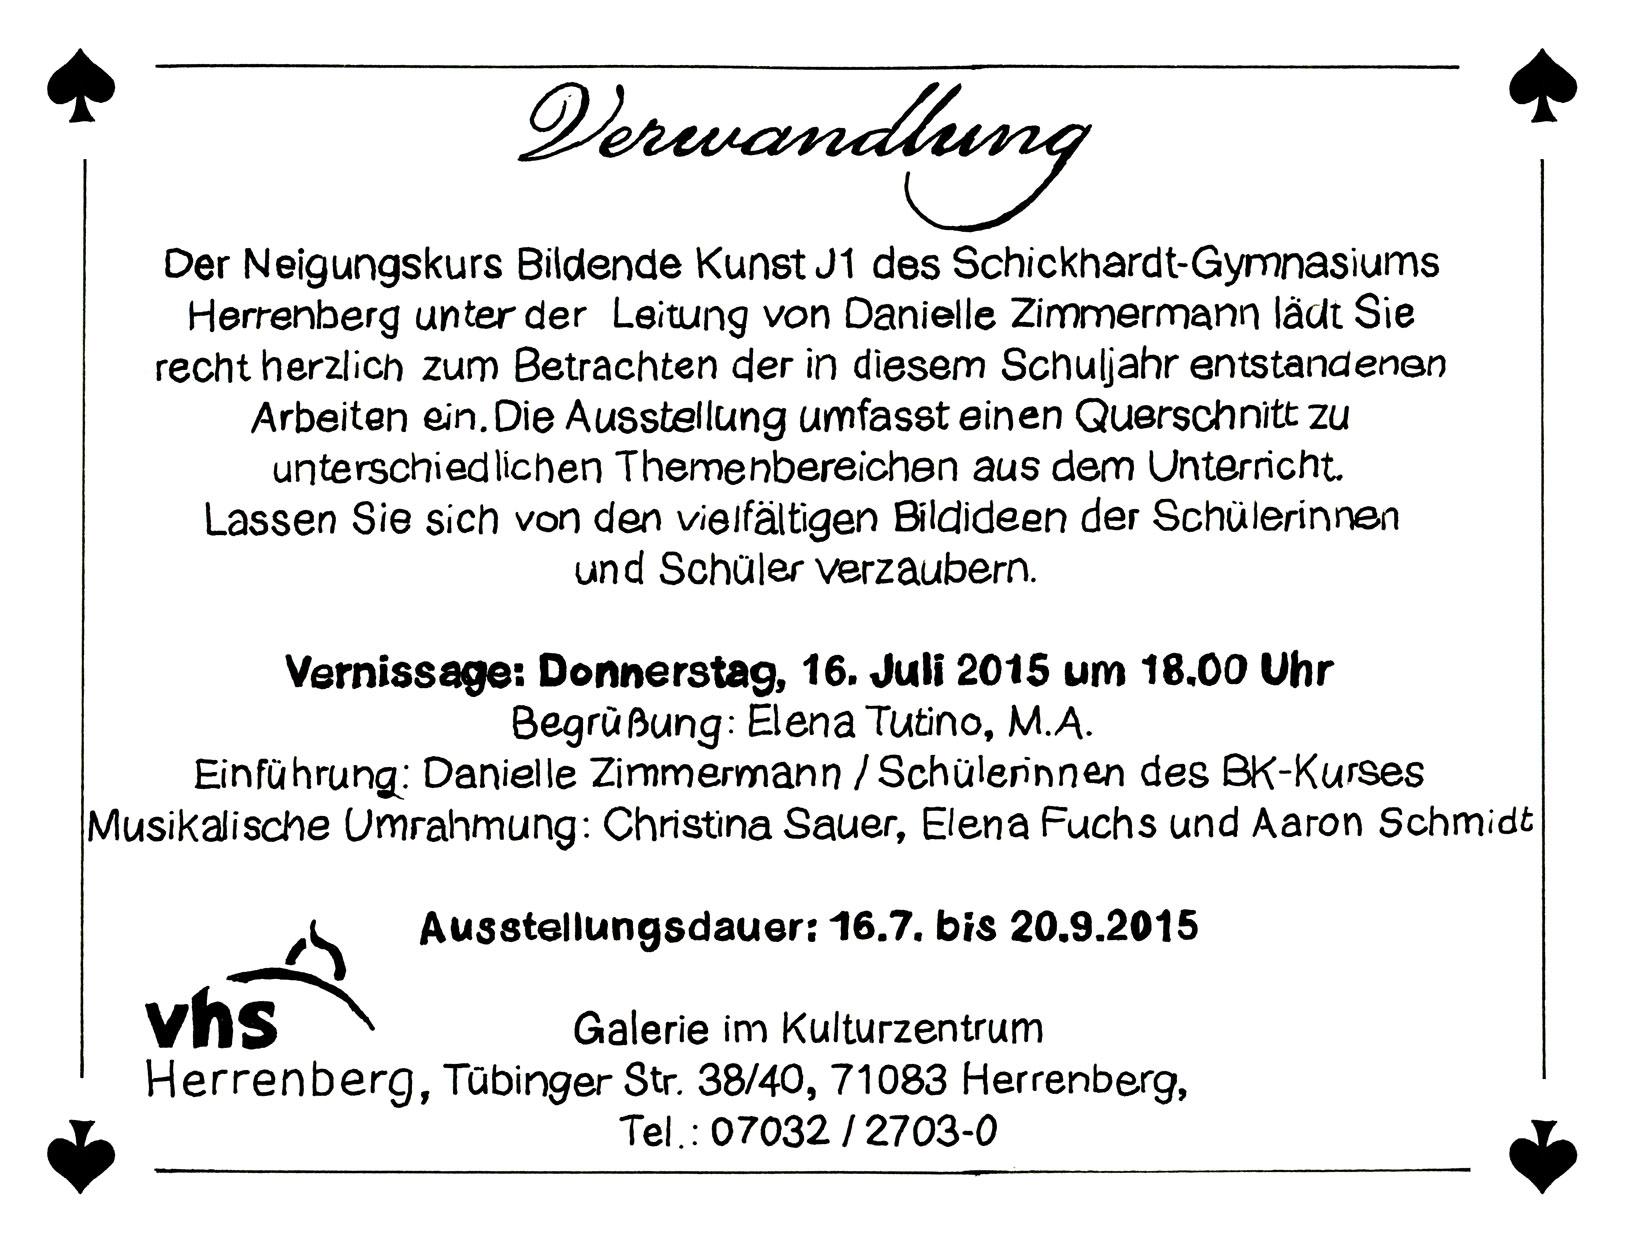 juli | 2015 | schickhardt-gymnasium herrenberg, Einladung